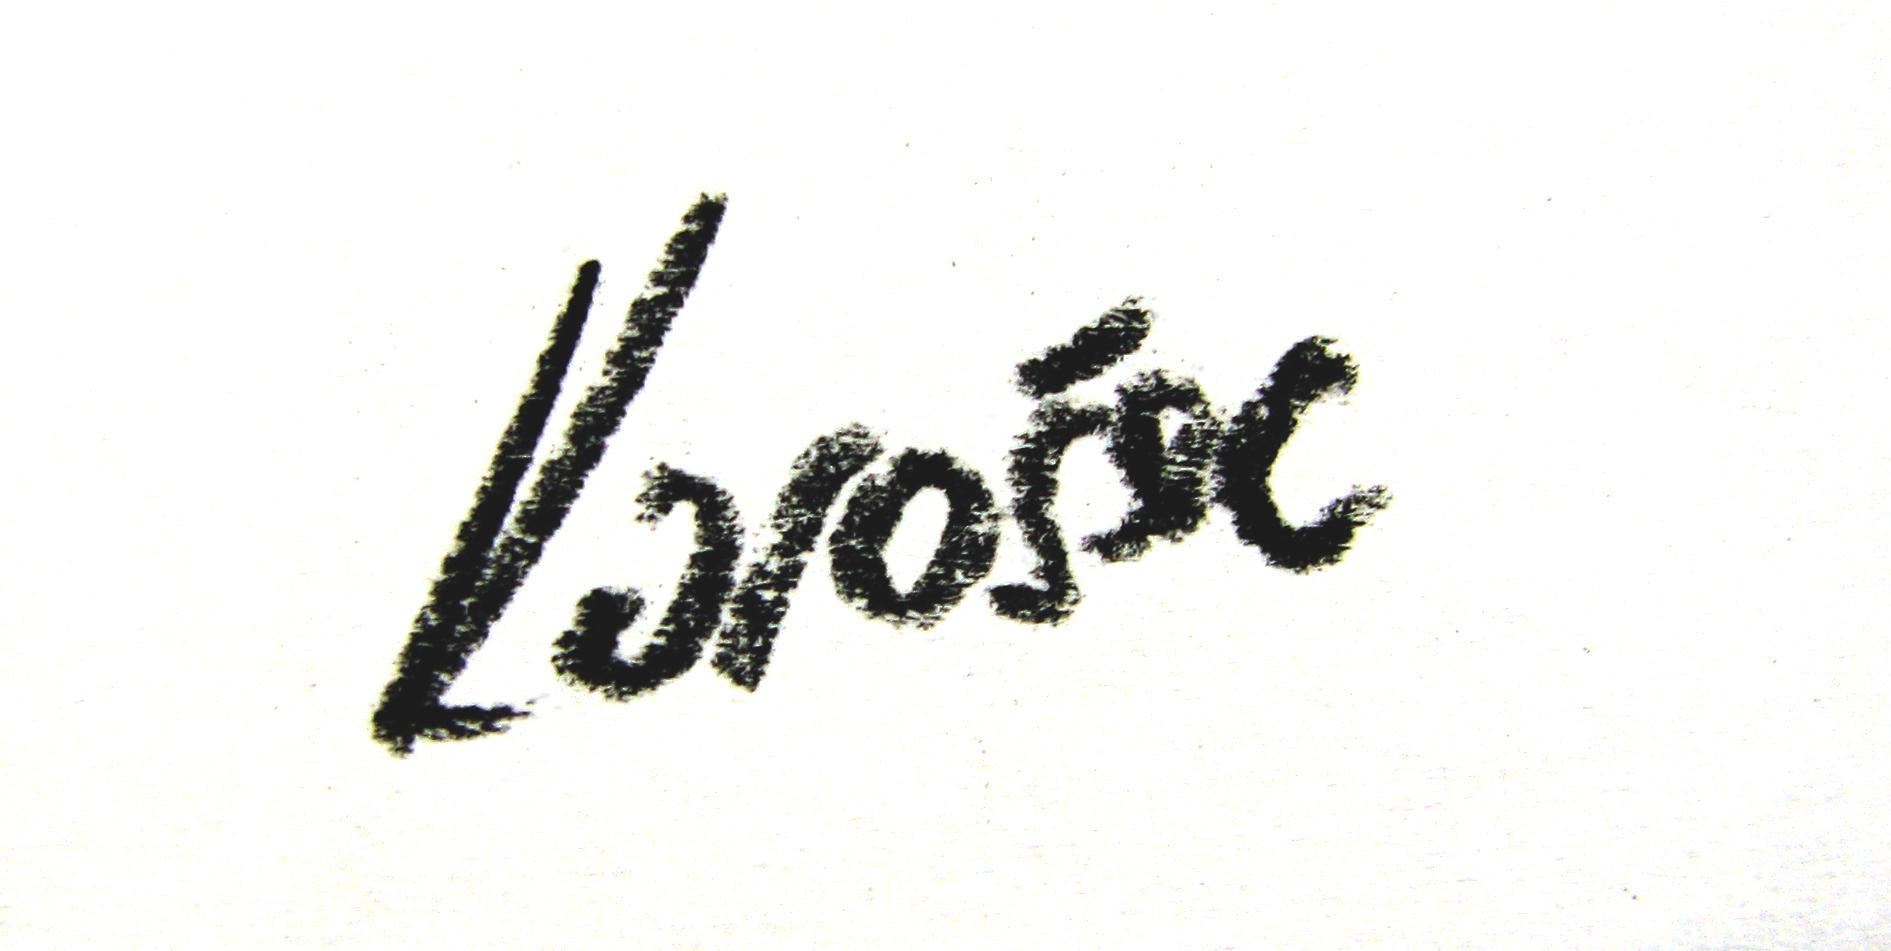 Danijel Korosec's Signature